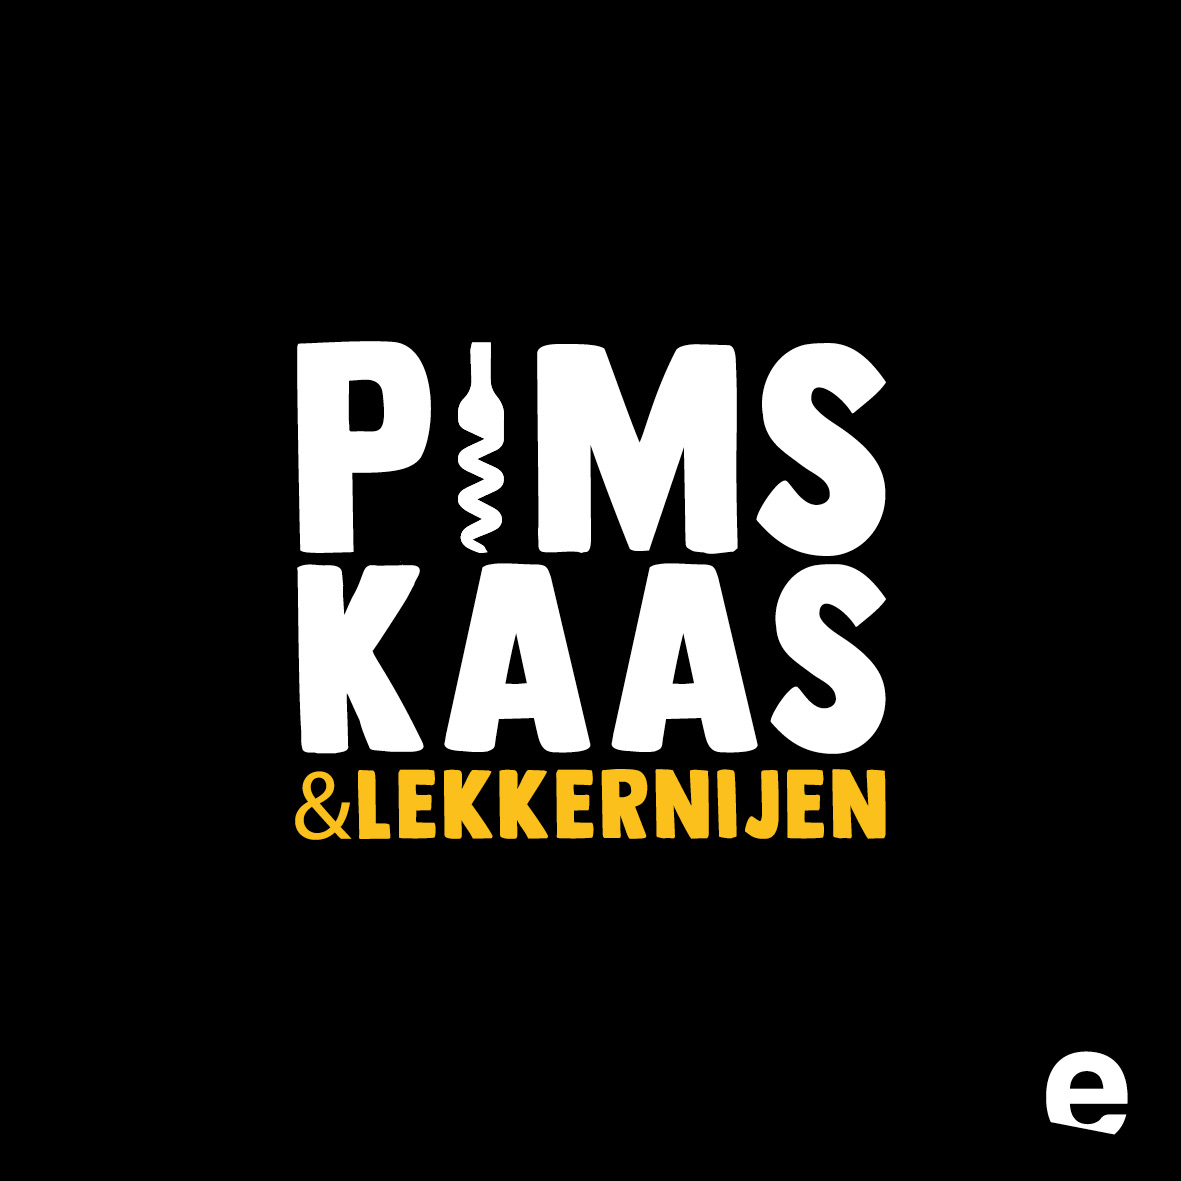 Effektmedia_pimskaas